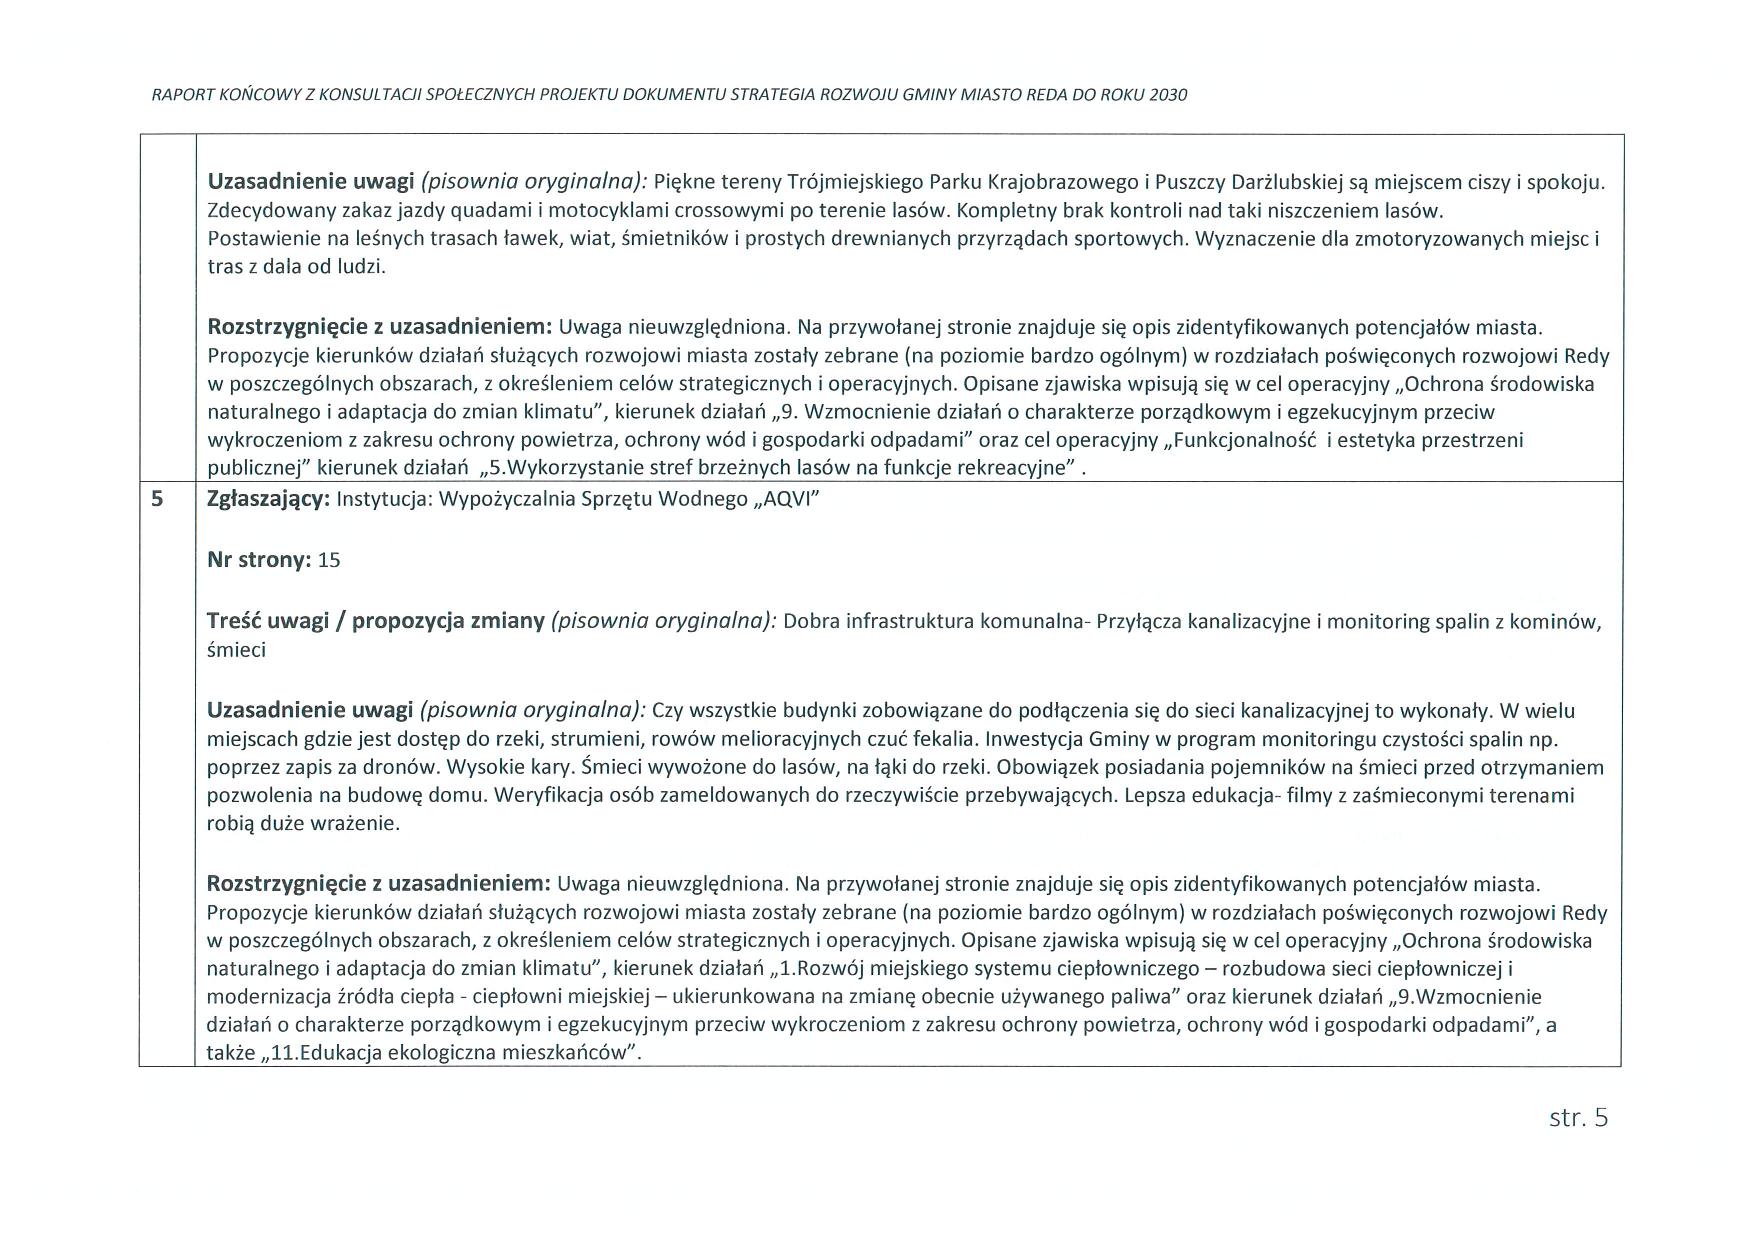 Raport końcowy zkonsultacji społecznych projektu Strategii Rozwoju Gminy Miasto Reda doroku 2030